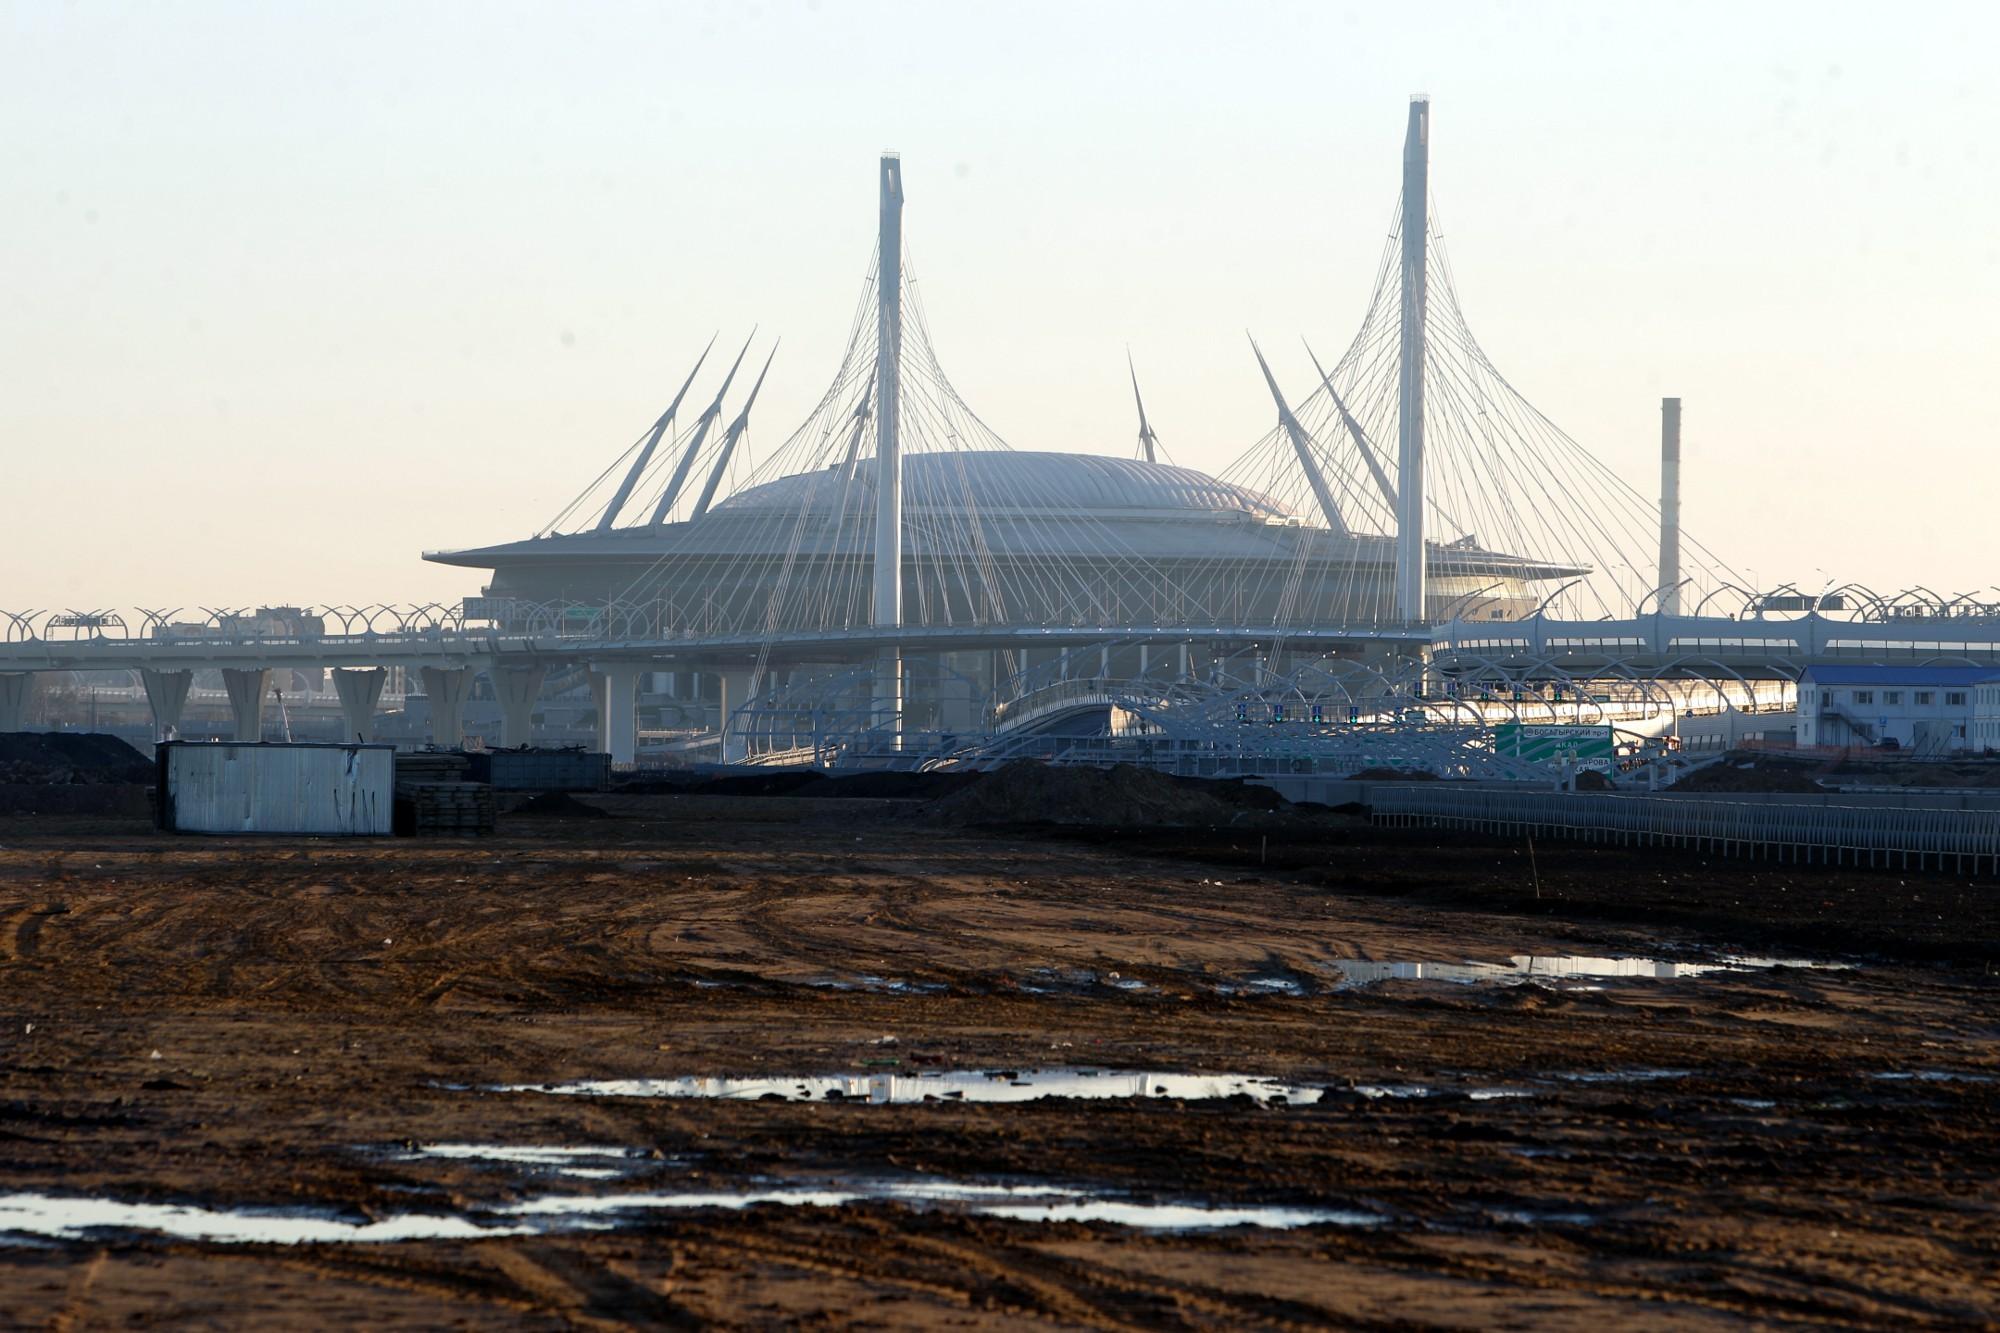 стадион на крестовском острове зенит-арена санкт-петербург арена западный скоростной диаметр зсд